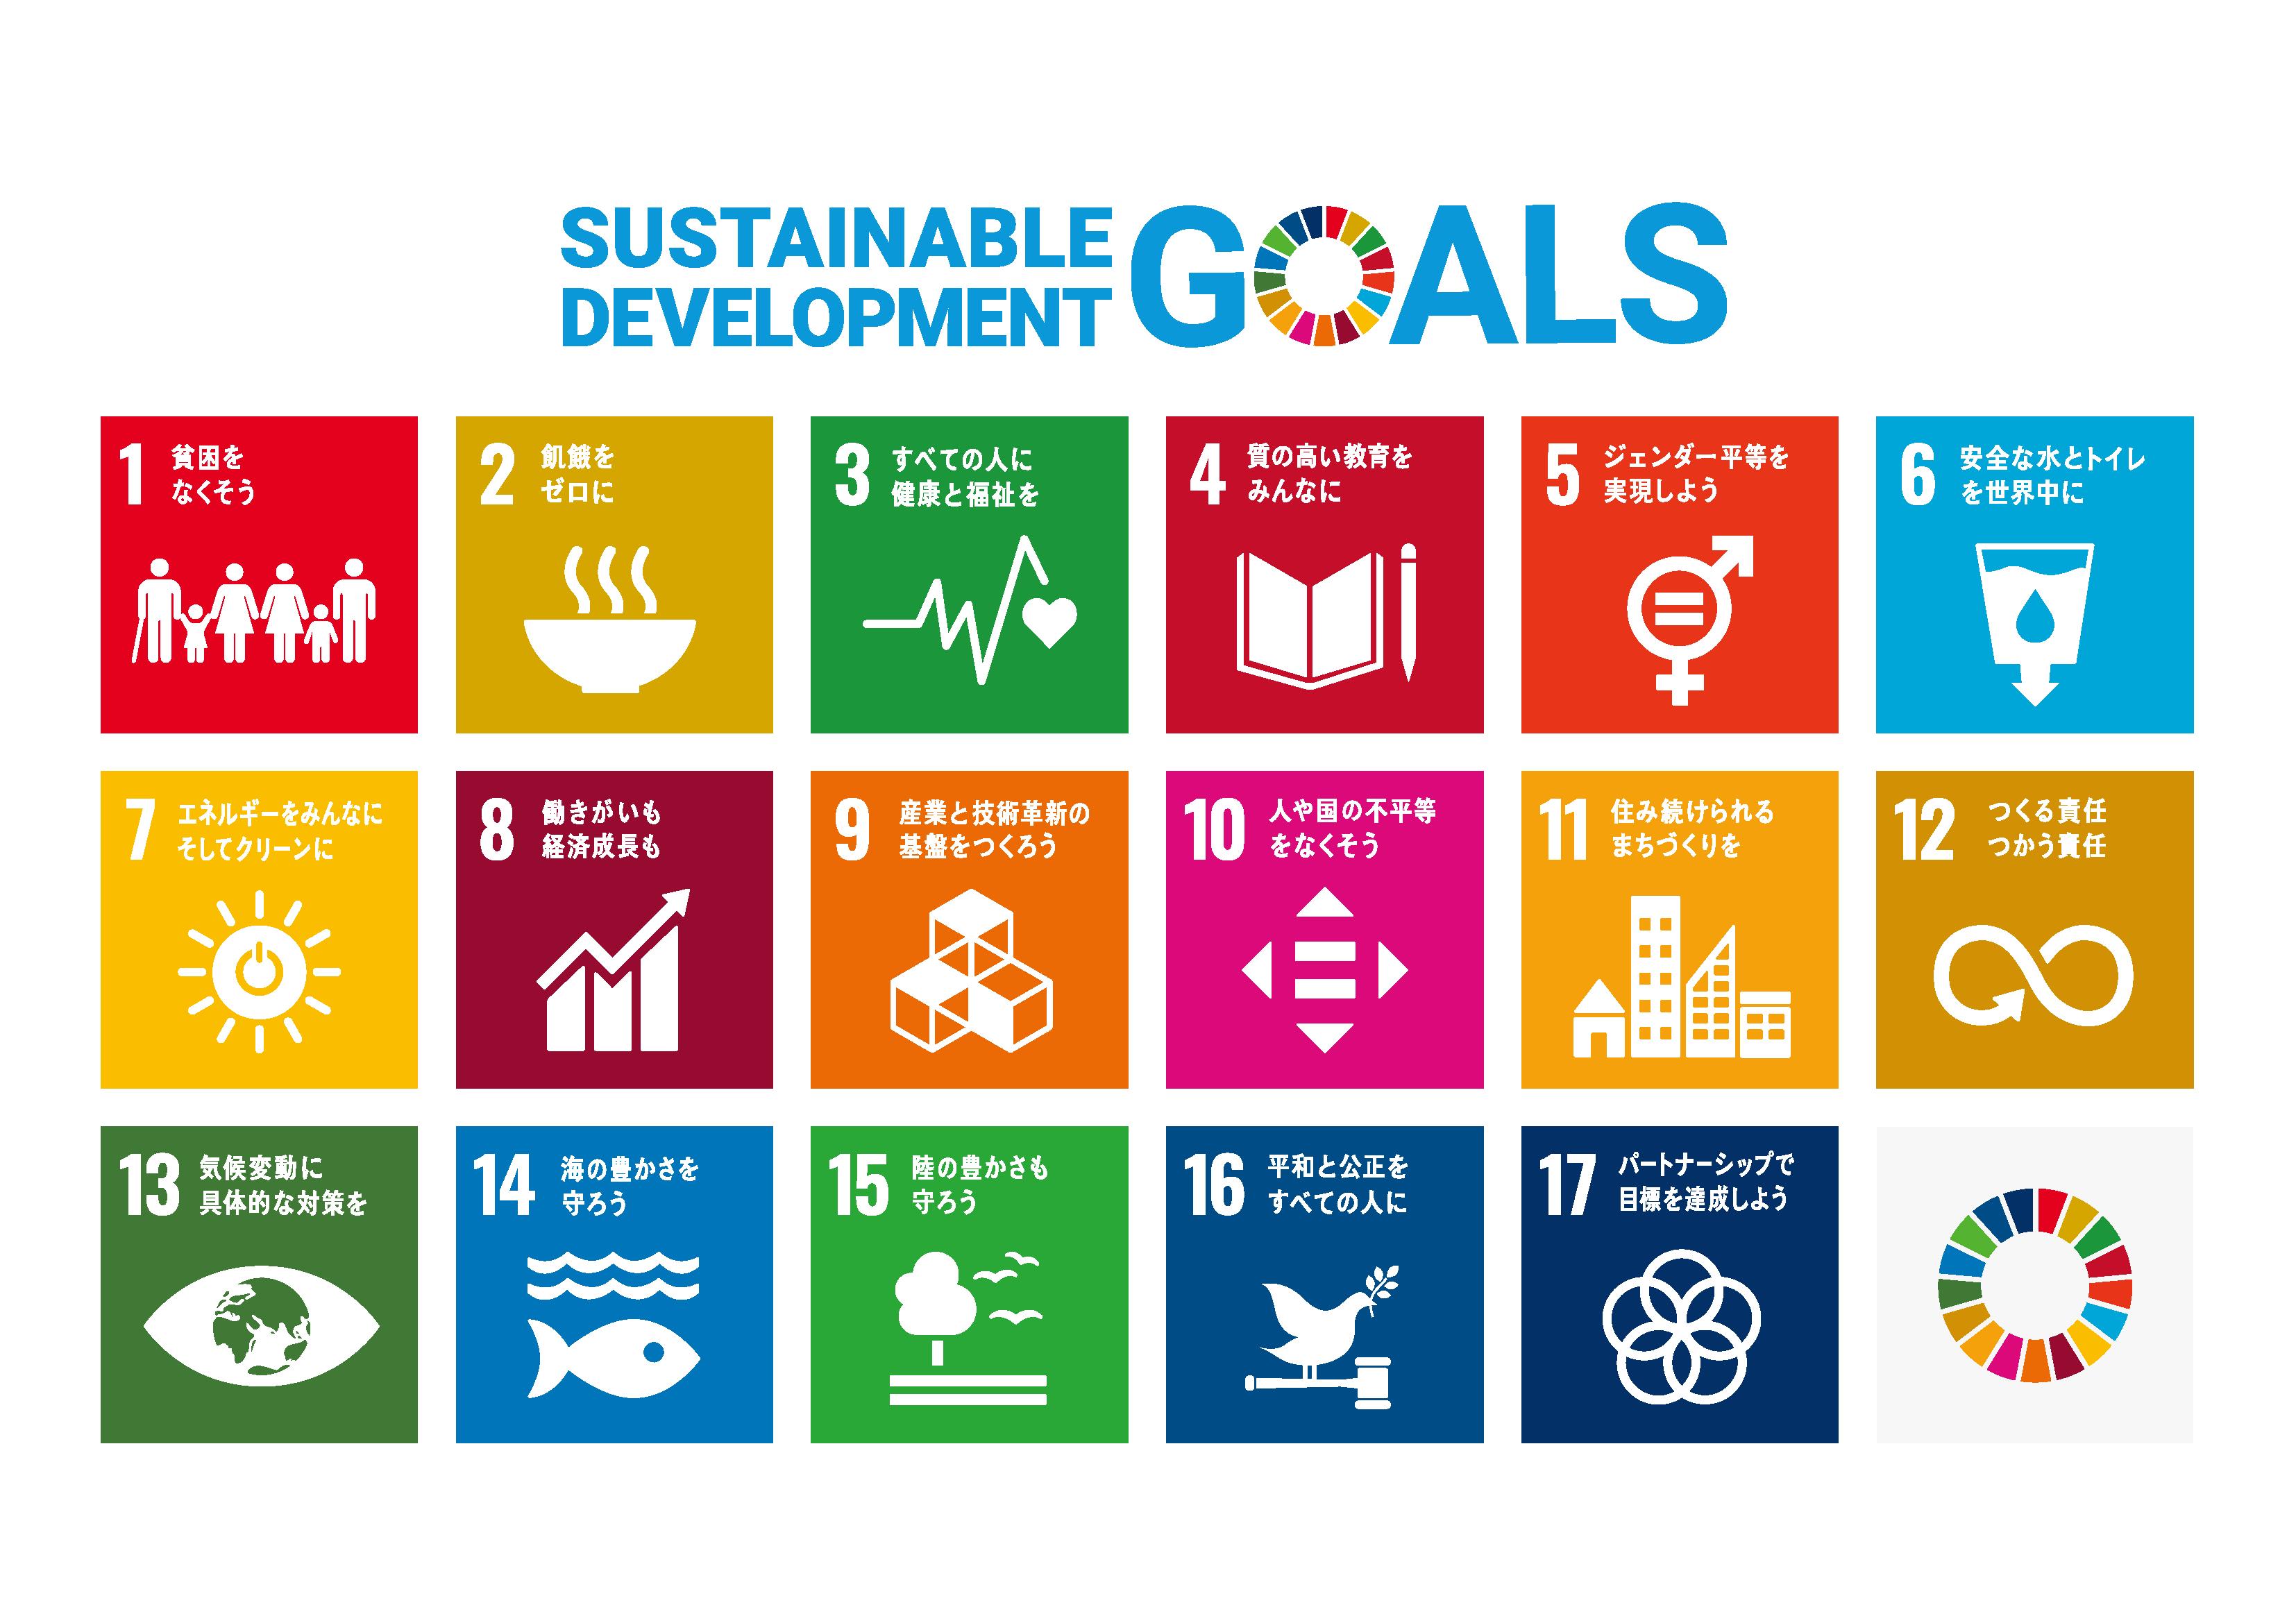 国連グローバル・コンパクト活動報告